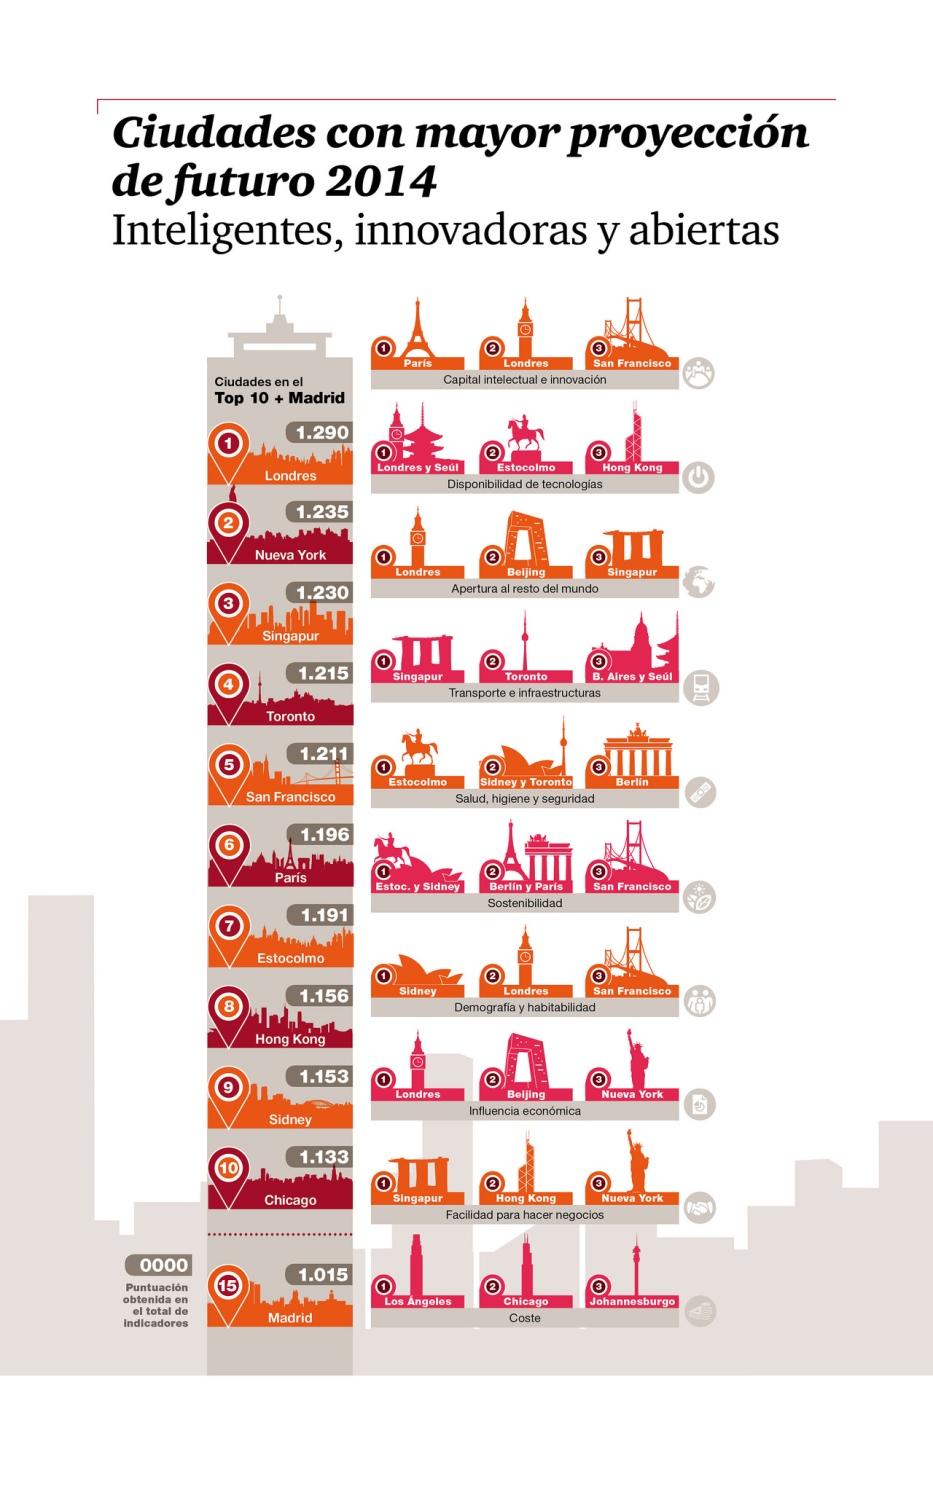 Las ciudades con mayor de futuro